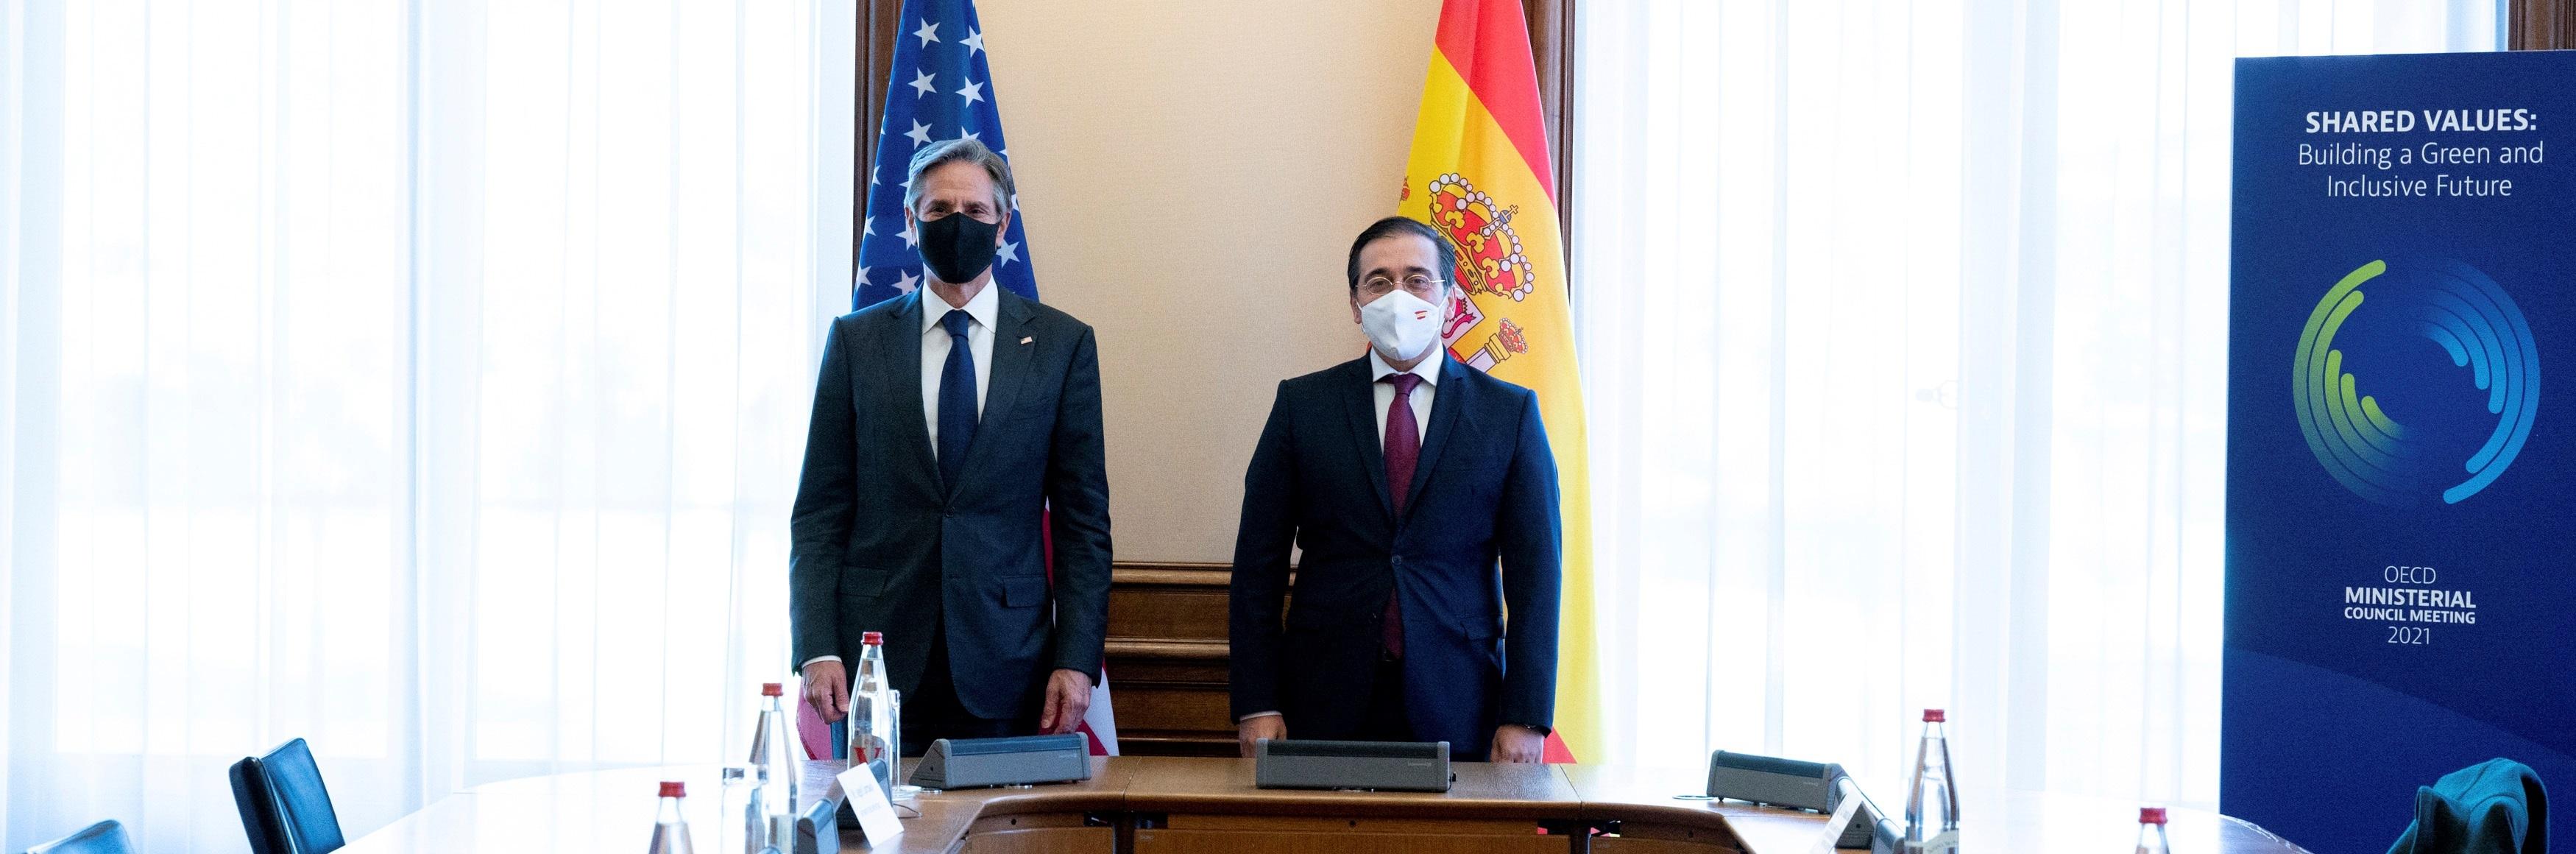 El ministro español de Asuntos Exteriores, José Manuel Albares, se reúne con el secretario de Estado de EEUU, Antony Blinken (Foto: EFE/ Embajada De España En París)